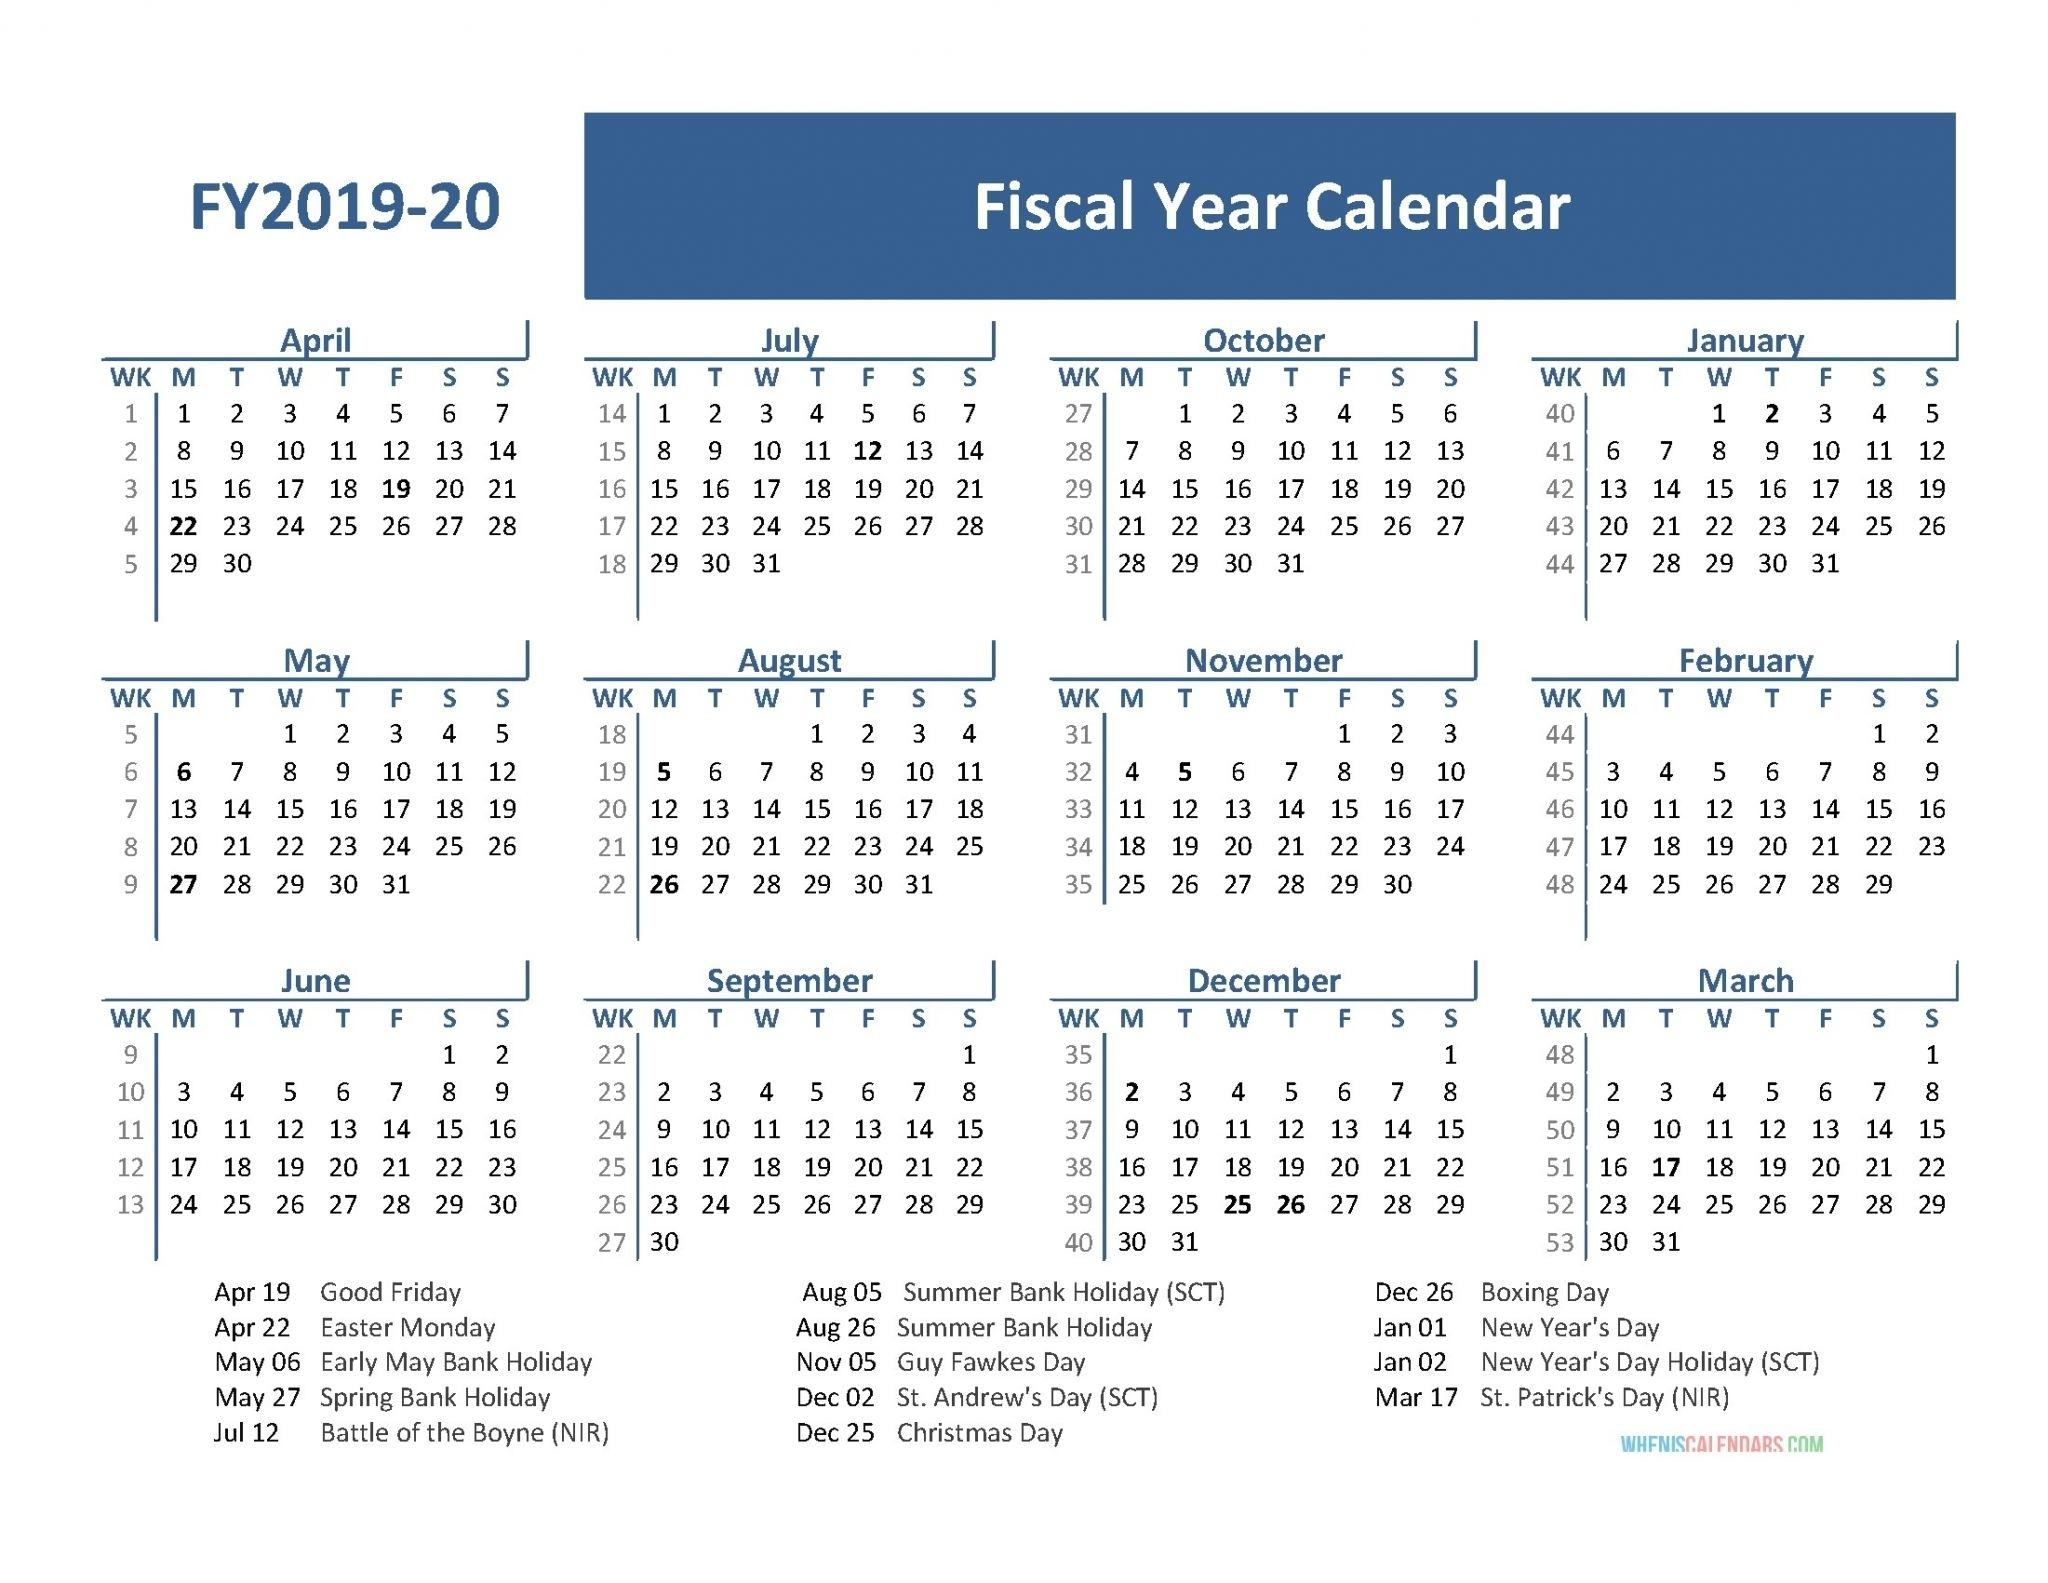 Take Financial Week Numbers